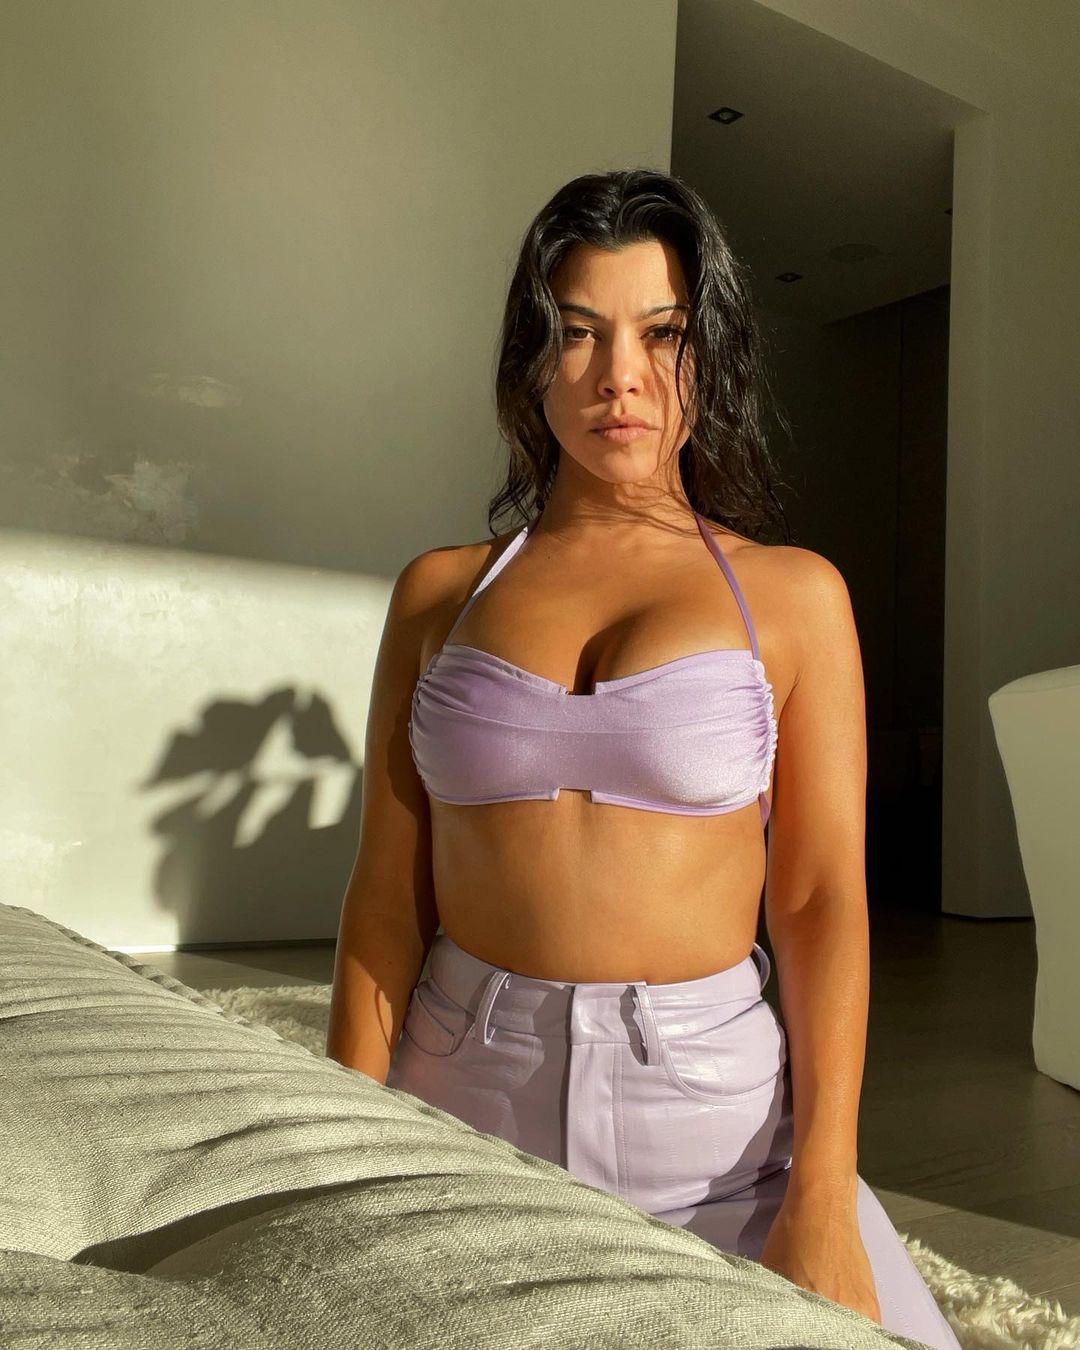 41-летняя Кортни Кардашьян похвасталась стройной фигурой в бикини